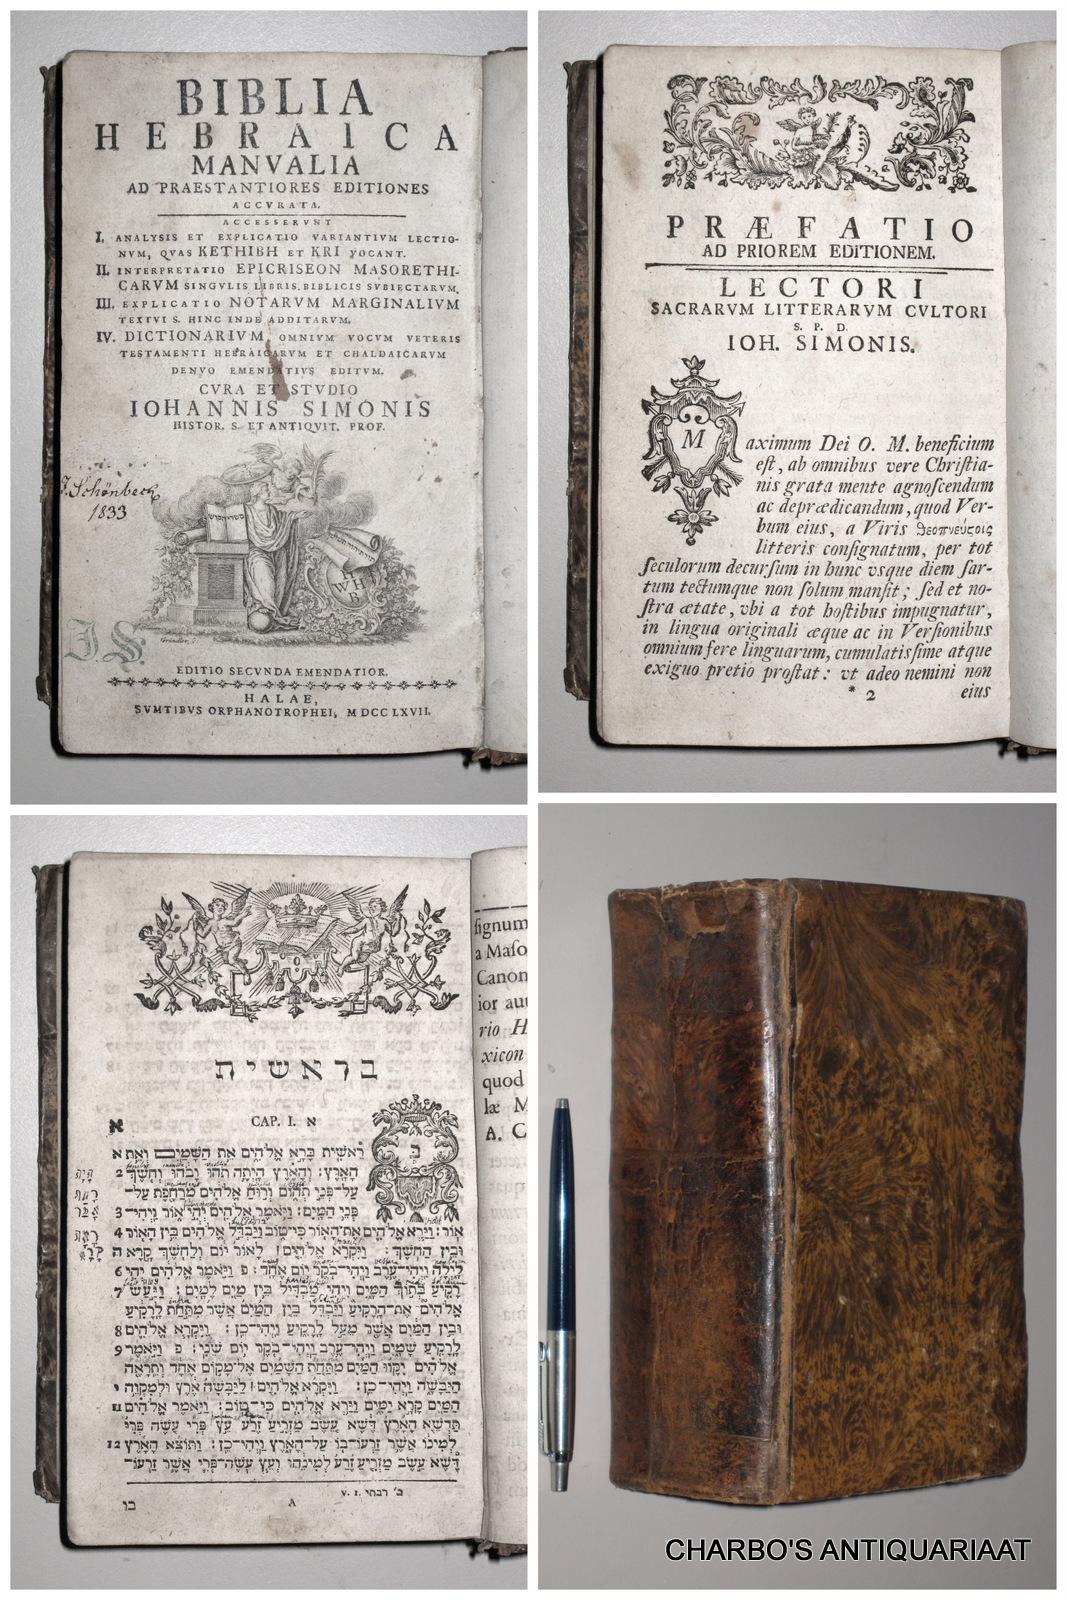 SIMONIS, JOHANNES (ED.), -  Biblia Hebraica manualia ad praestantiores editiones accurata. [Hebrew text].